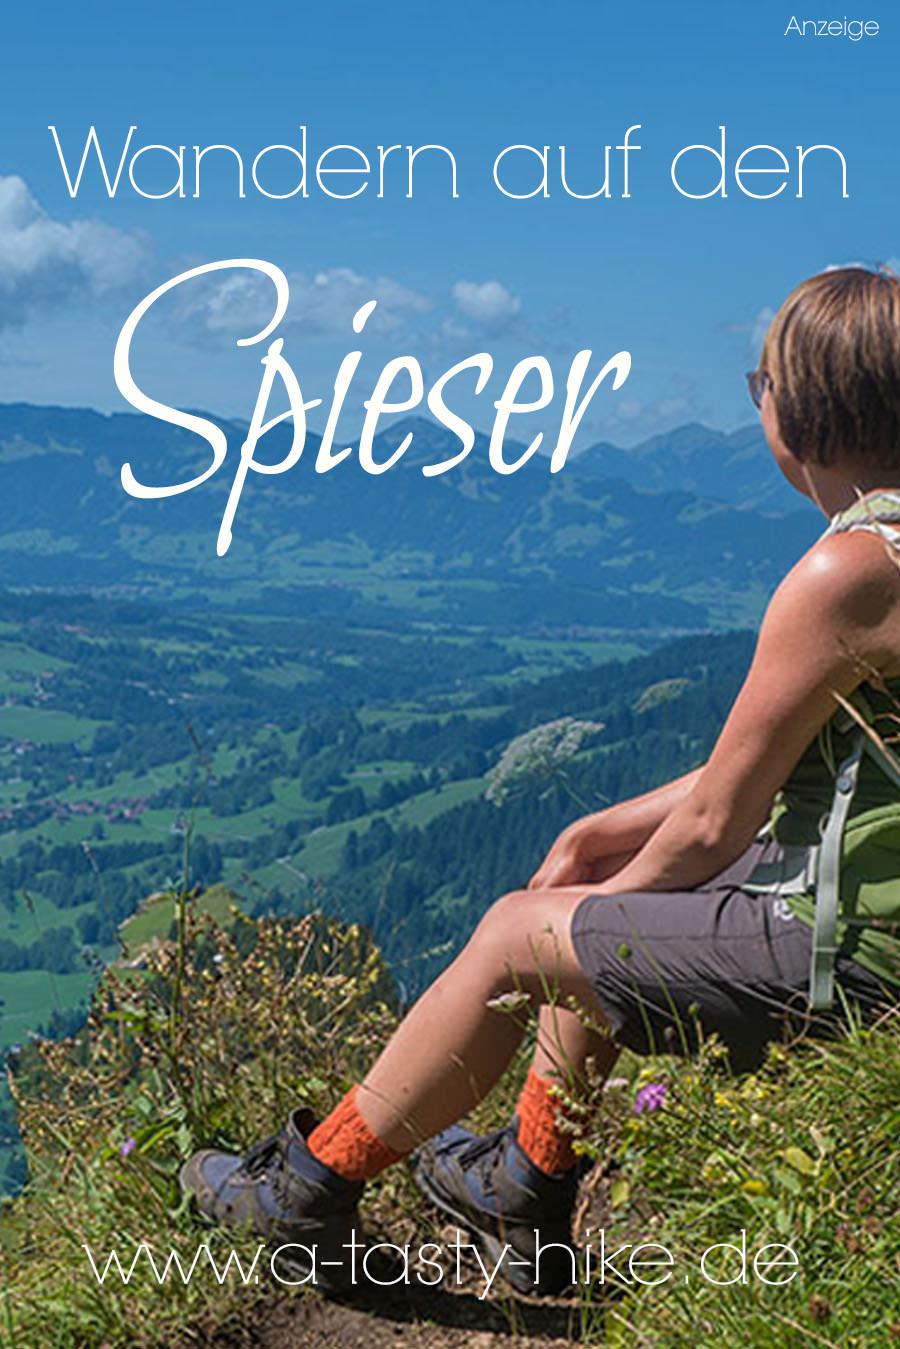 Wandern im Allgäu - Tolle Wanderung bei Oberjoch im Allgäu rauf auf den Spieser! Mittelschwere Tour für Genusswanderer #wandern #allgäu